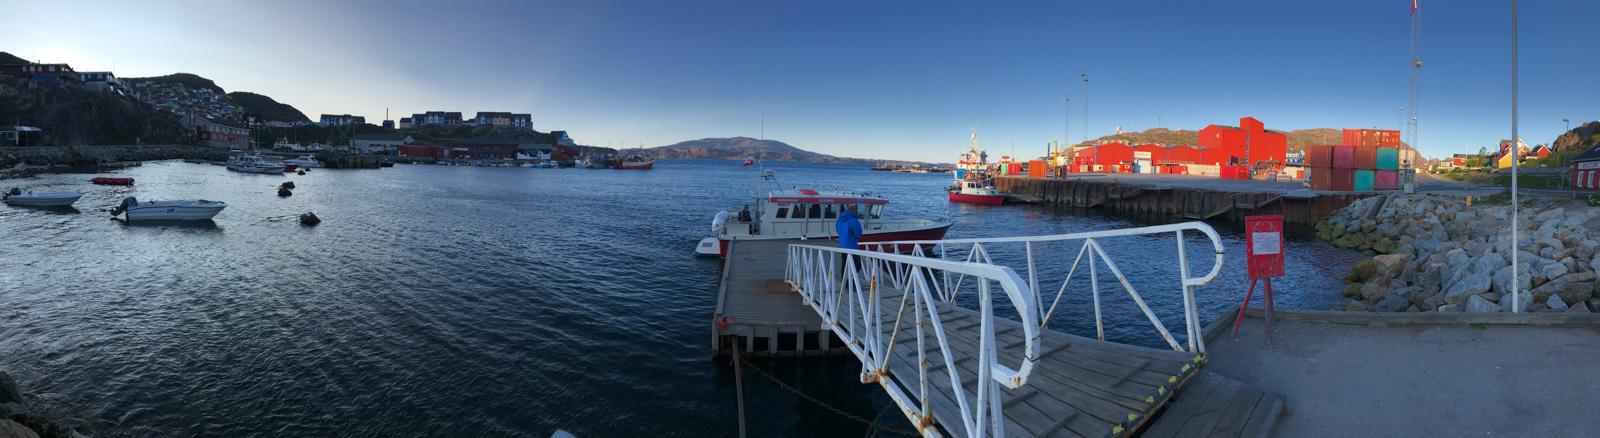 Qaqortoq am Morgen, Grönland